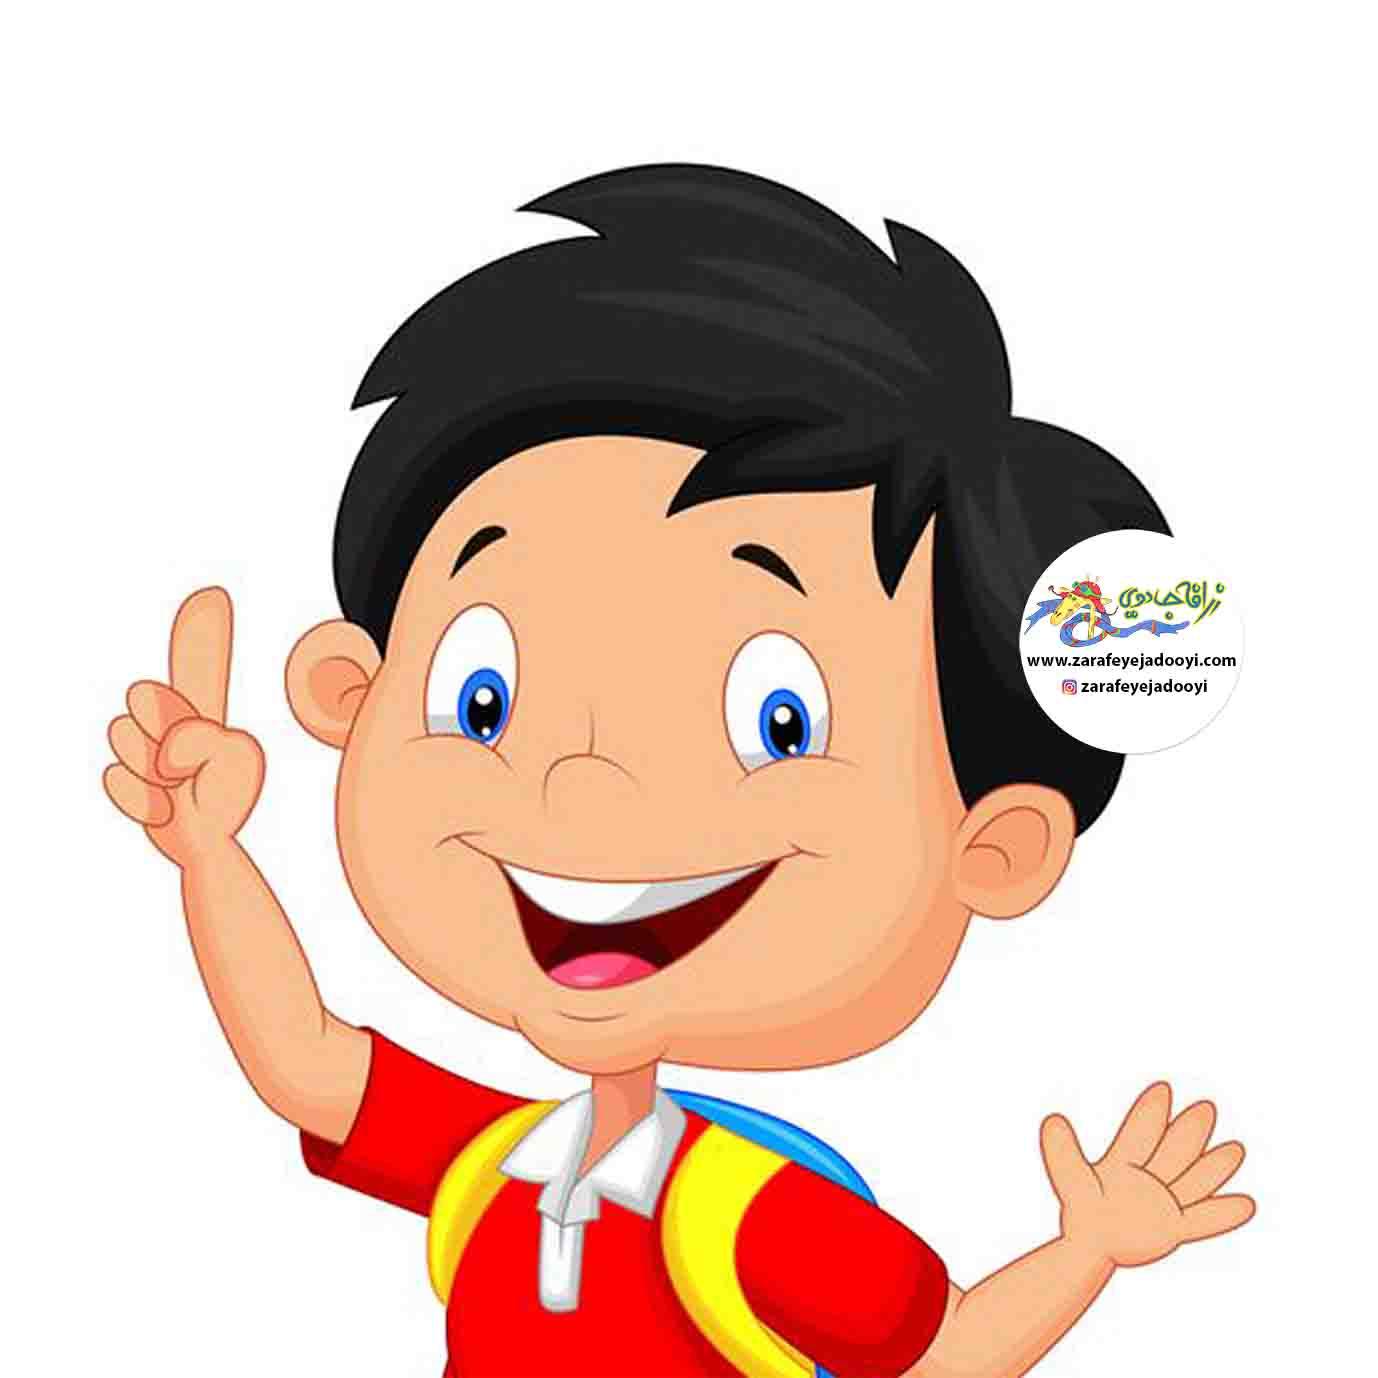 زرافه جادویی - علت پرحرفی کودک و سوال پرسیدن زیاد کودک چیست؟